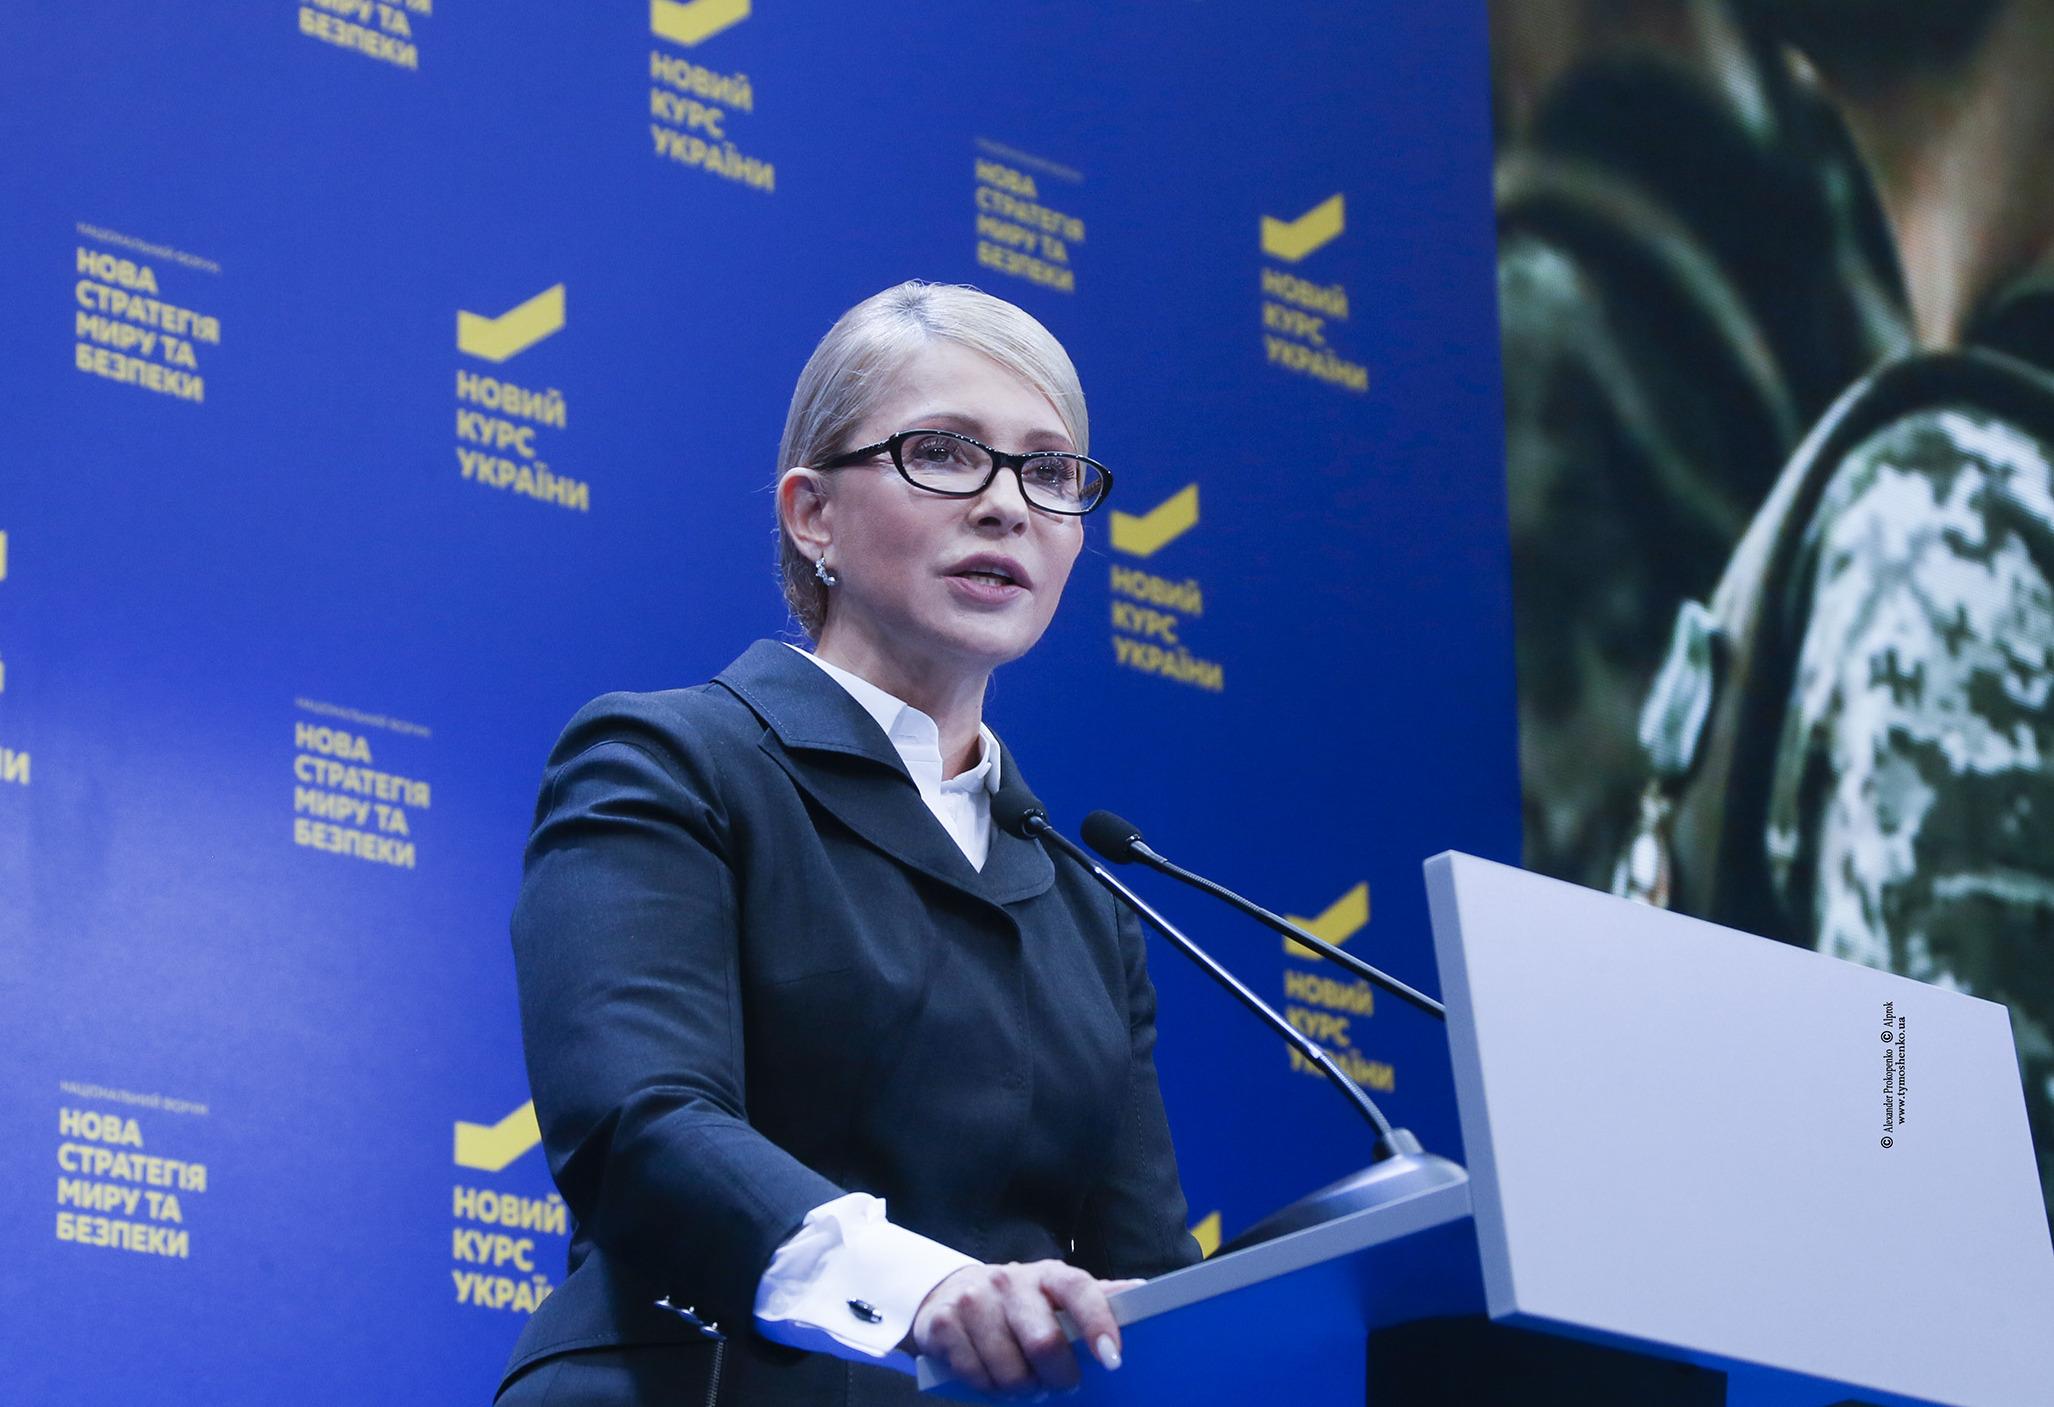 """Юлия Тимошенко настаивает, что для разрешения конфликта на Донбассе и возврата Крыма необходимо оживить и модернизировать """"Будапештский формат"""""""